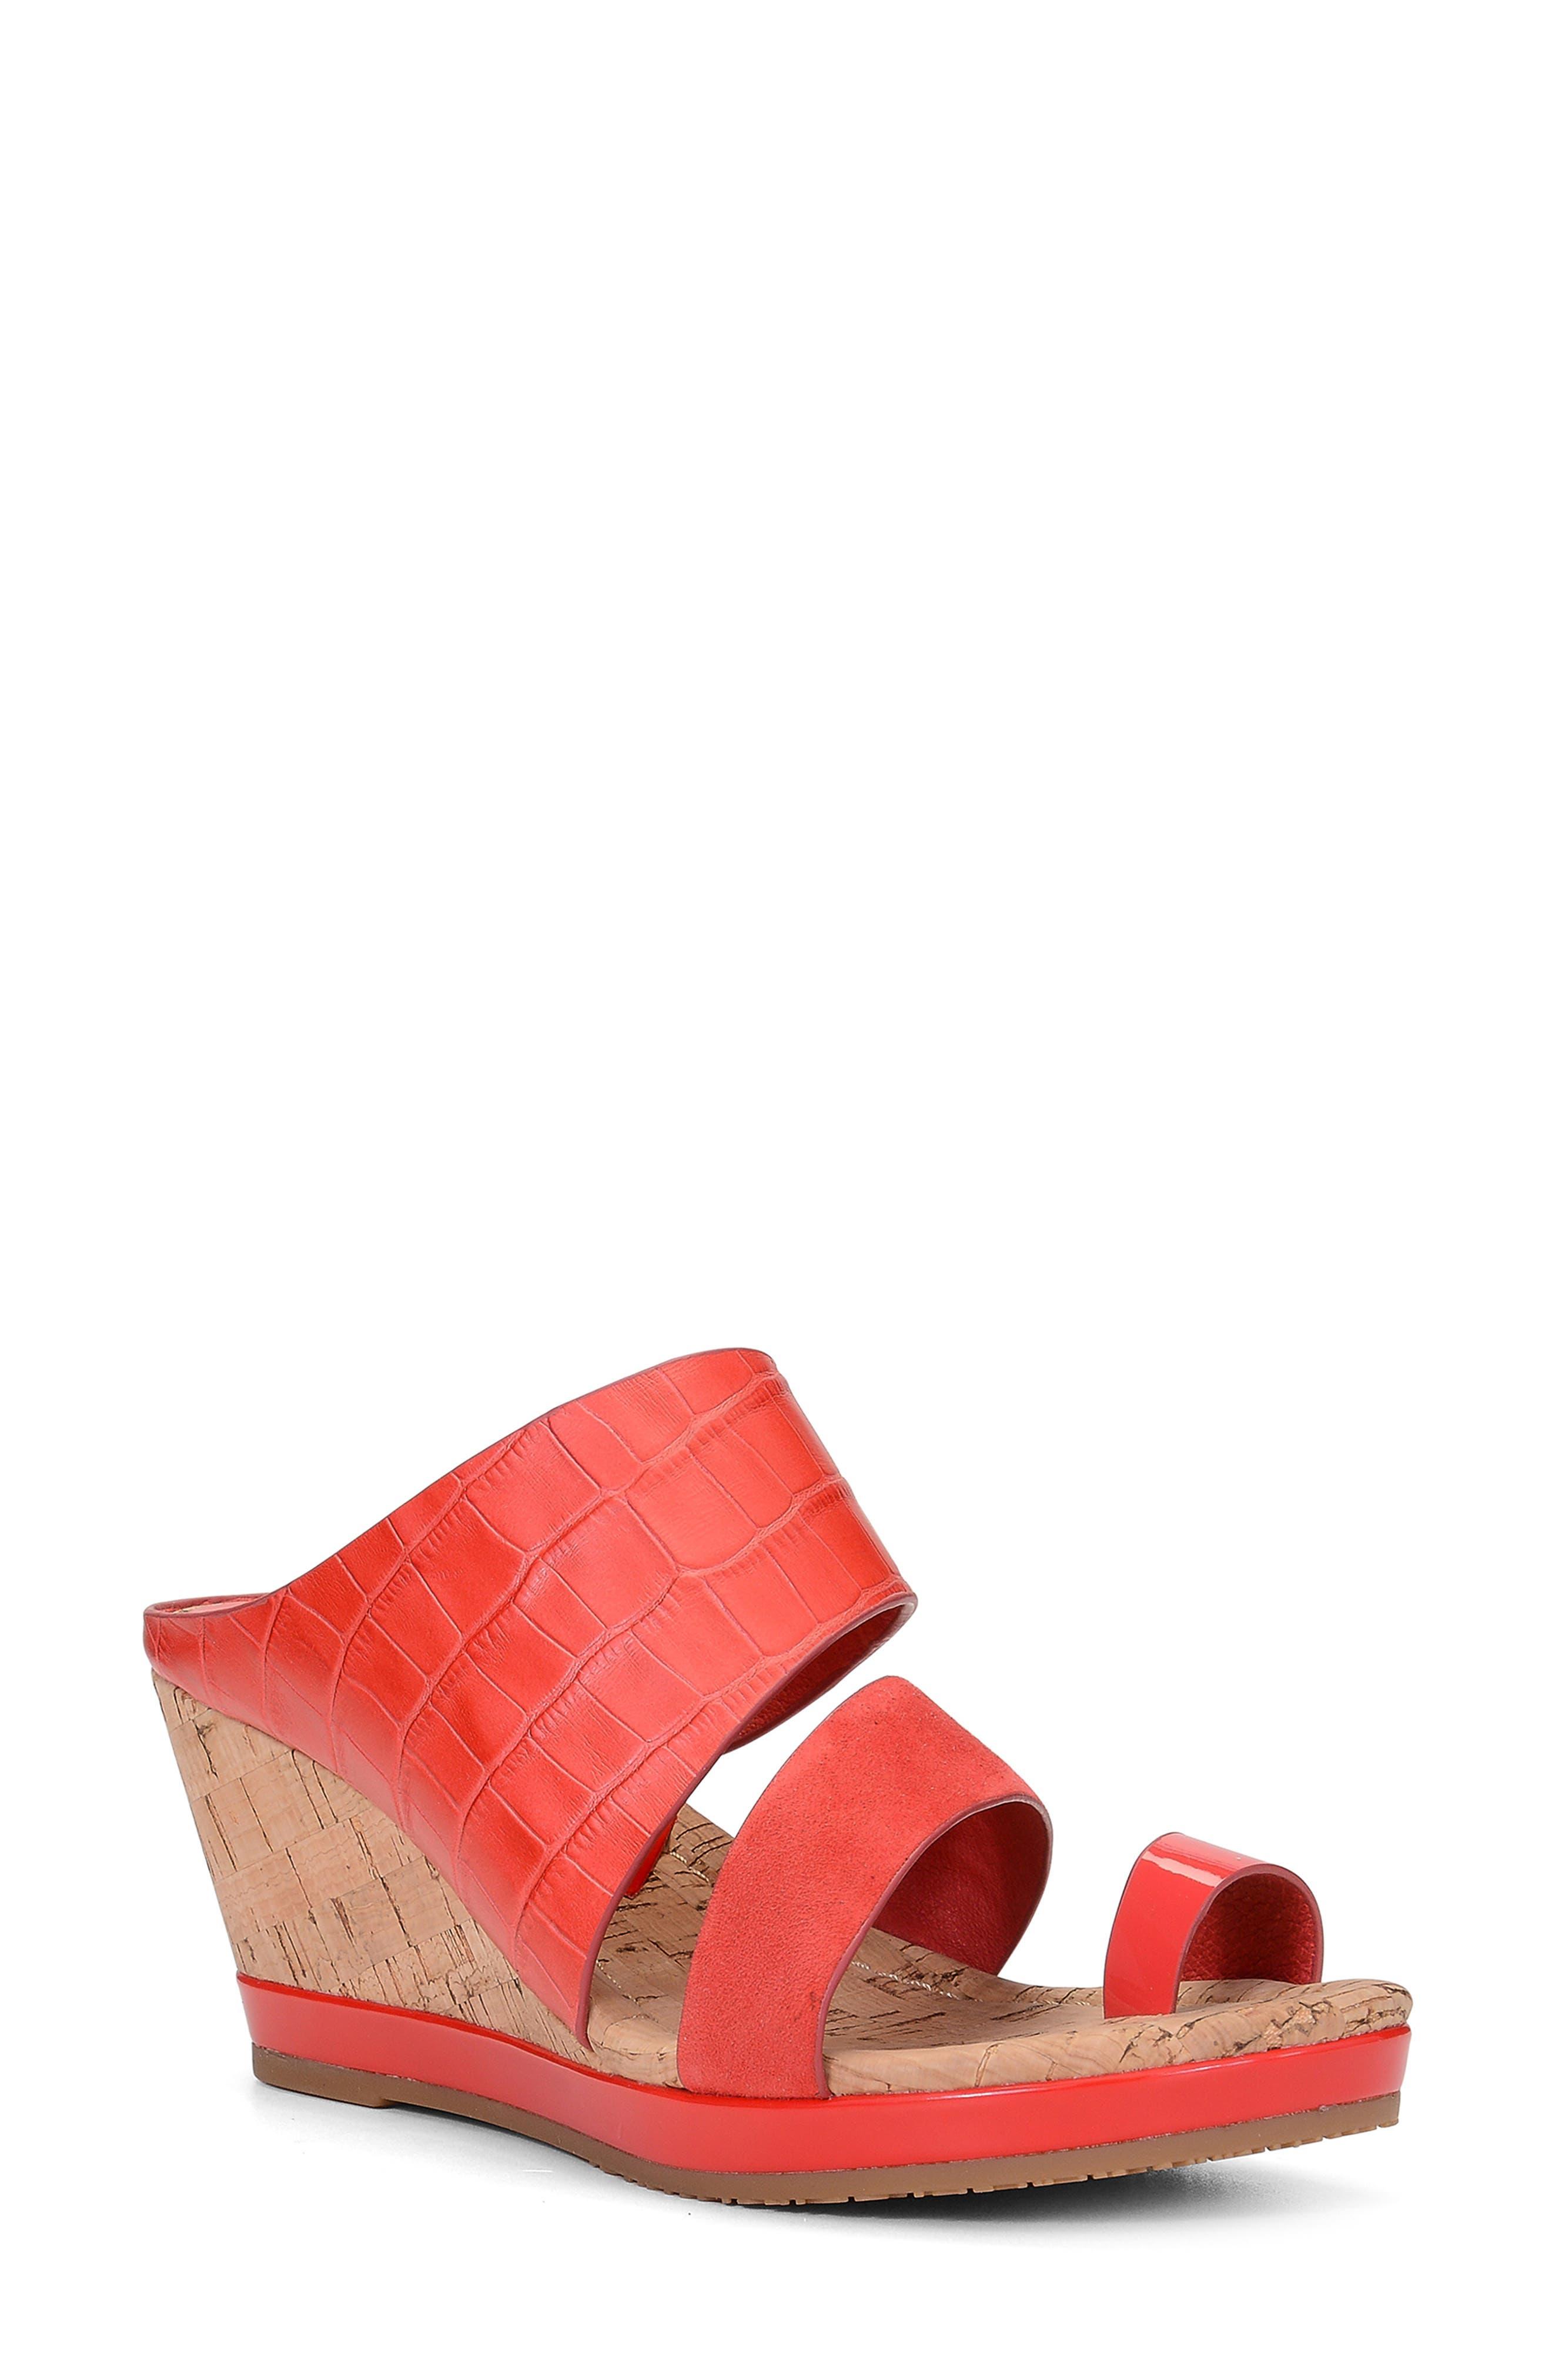 Women's Donald Pliner Sandals and Flip